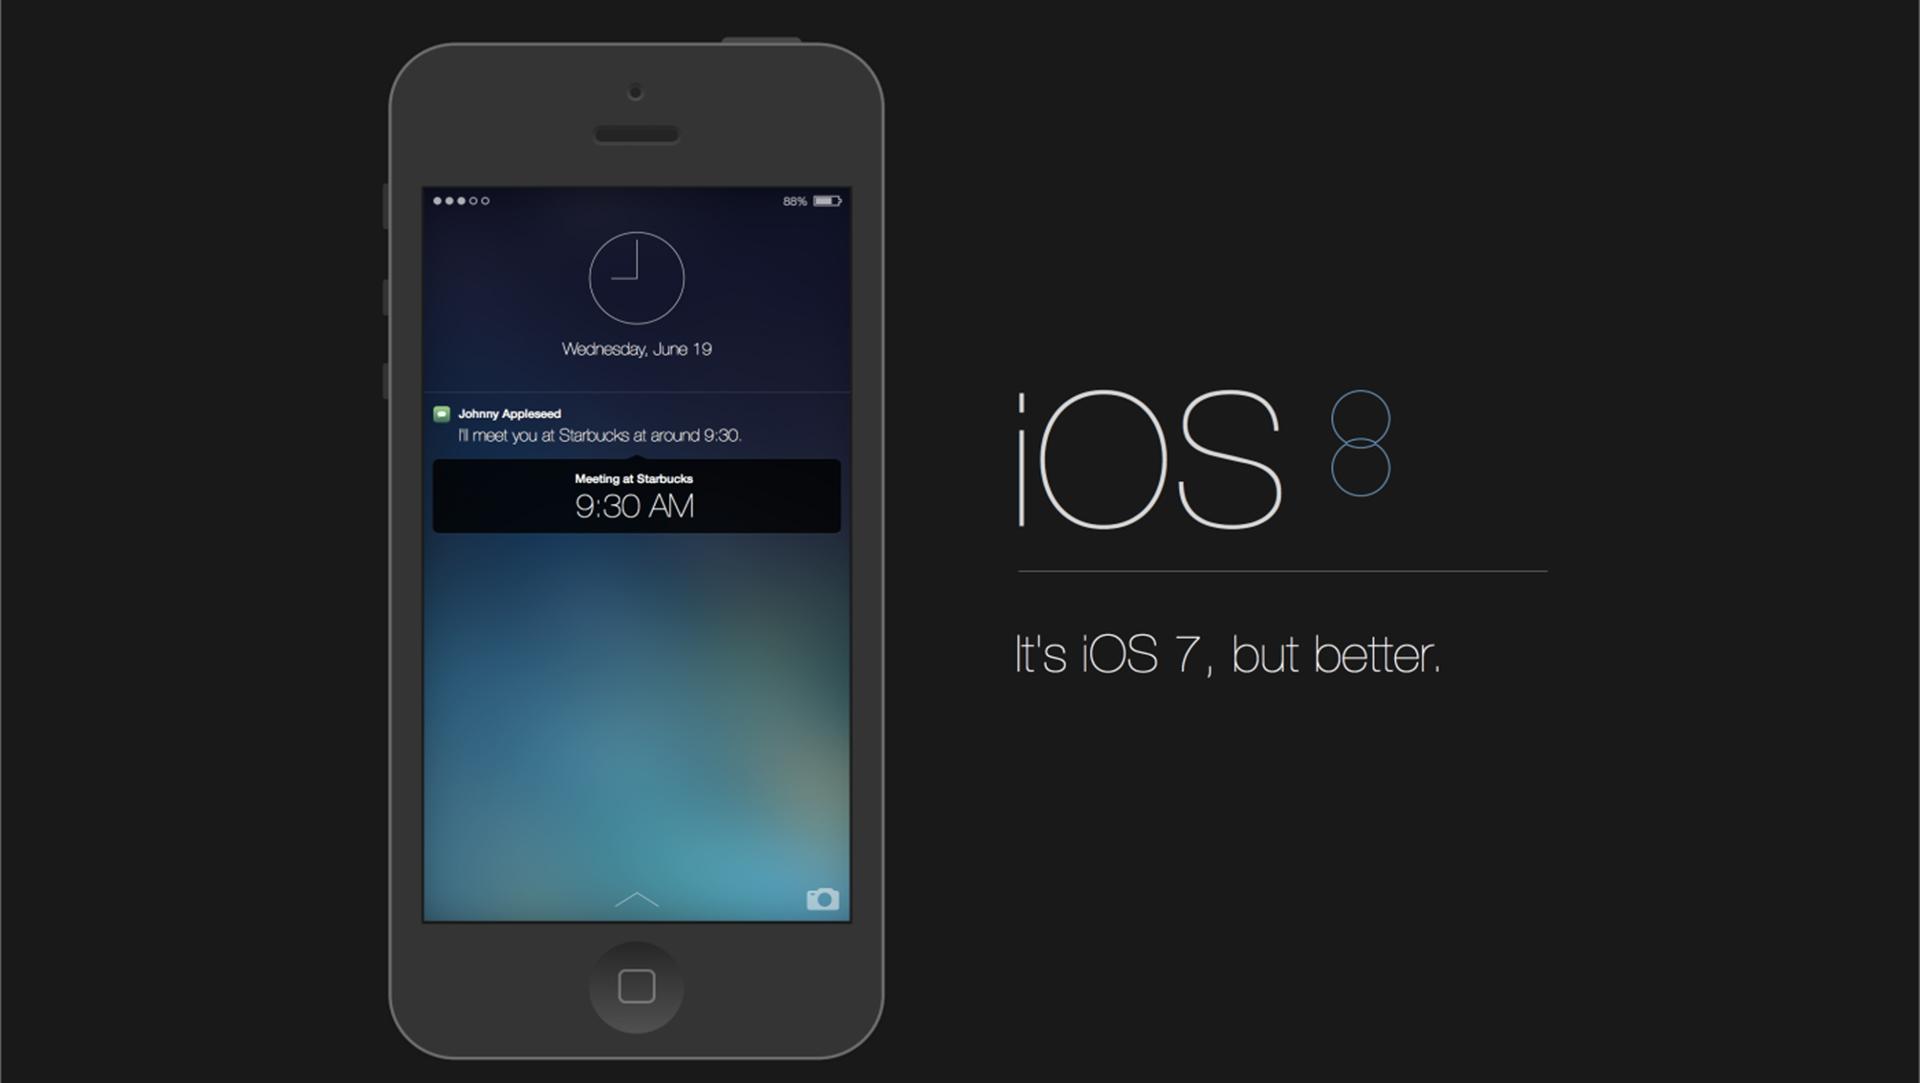 Apple բջջային սարքերի 52%-ն աշխատում է iOS 8 օպերացիոն համակարգով